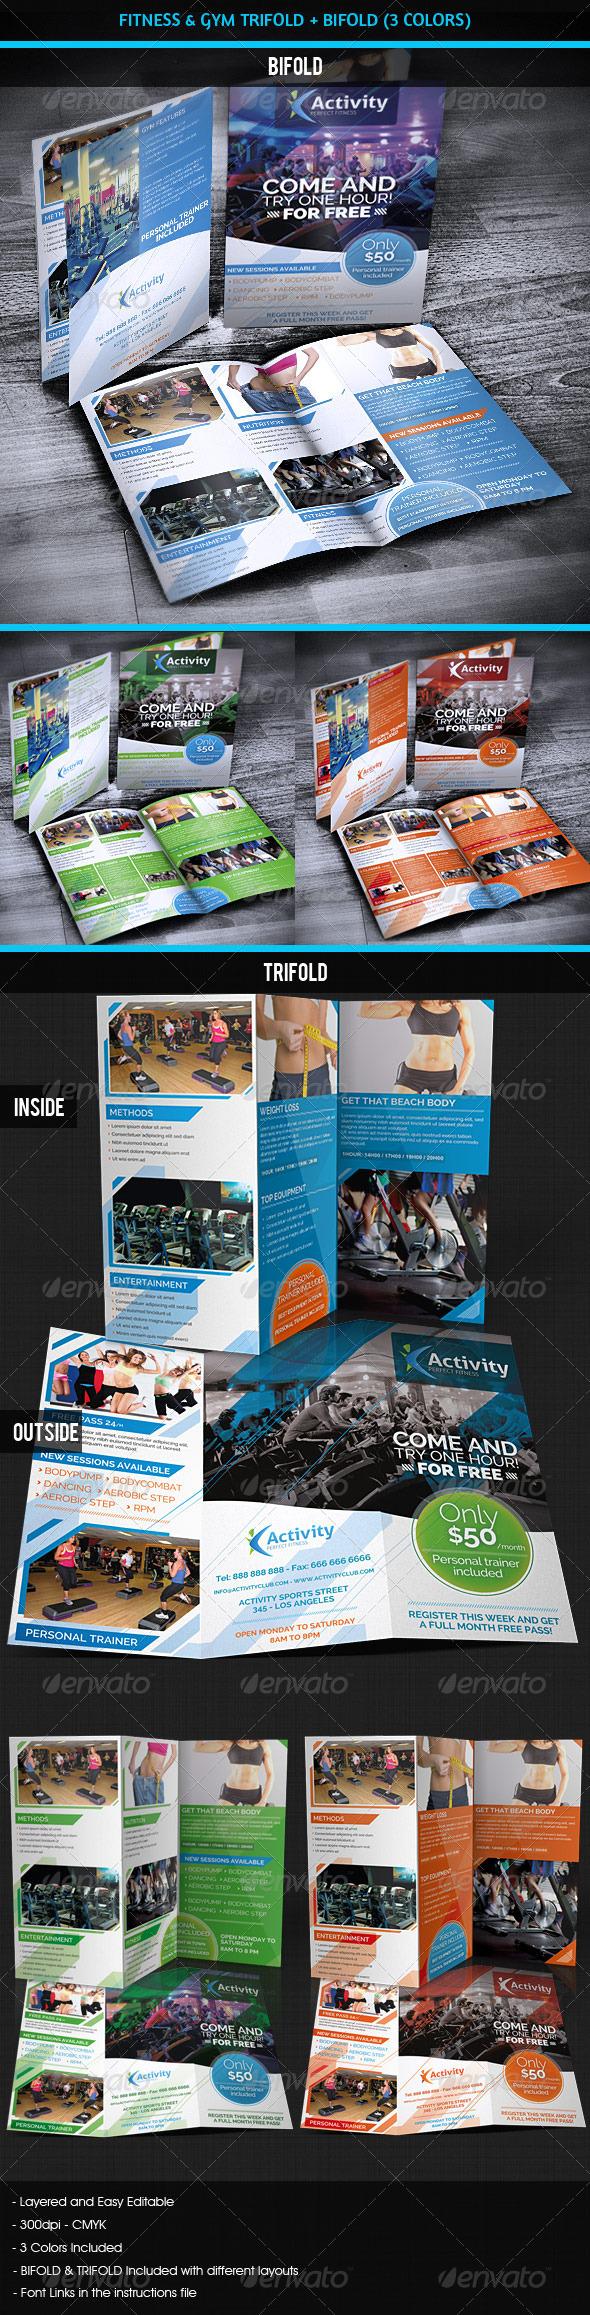 Fitness & Gym - Sports Bifold + Trifold